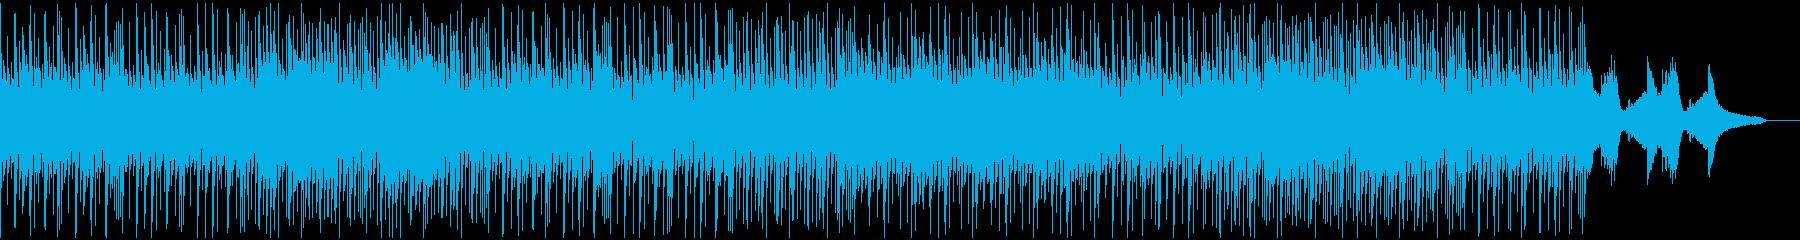 ビバップピアノ風なjazzhiphopの再生済みの波形